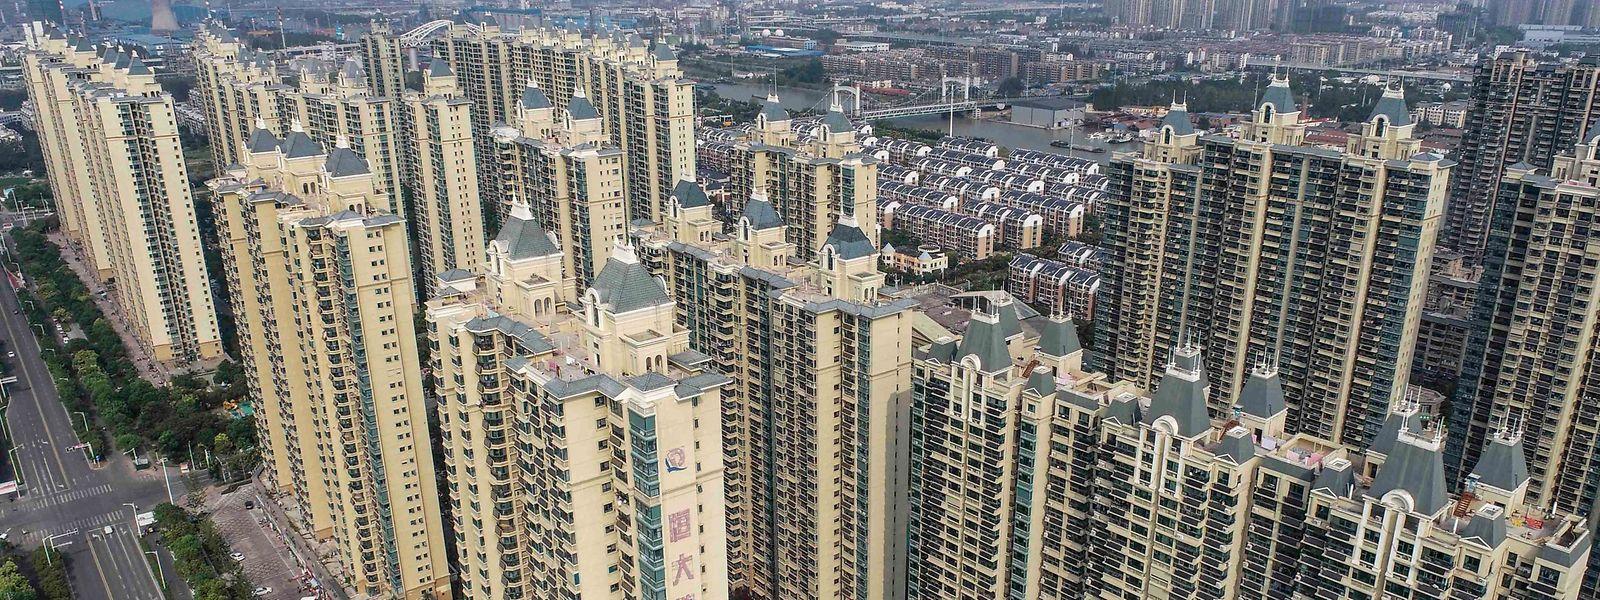 Selon des experts, Evergrande conserve dans son portefeuille 1,4 million de logements vendus mais... pas entièrement construits.